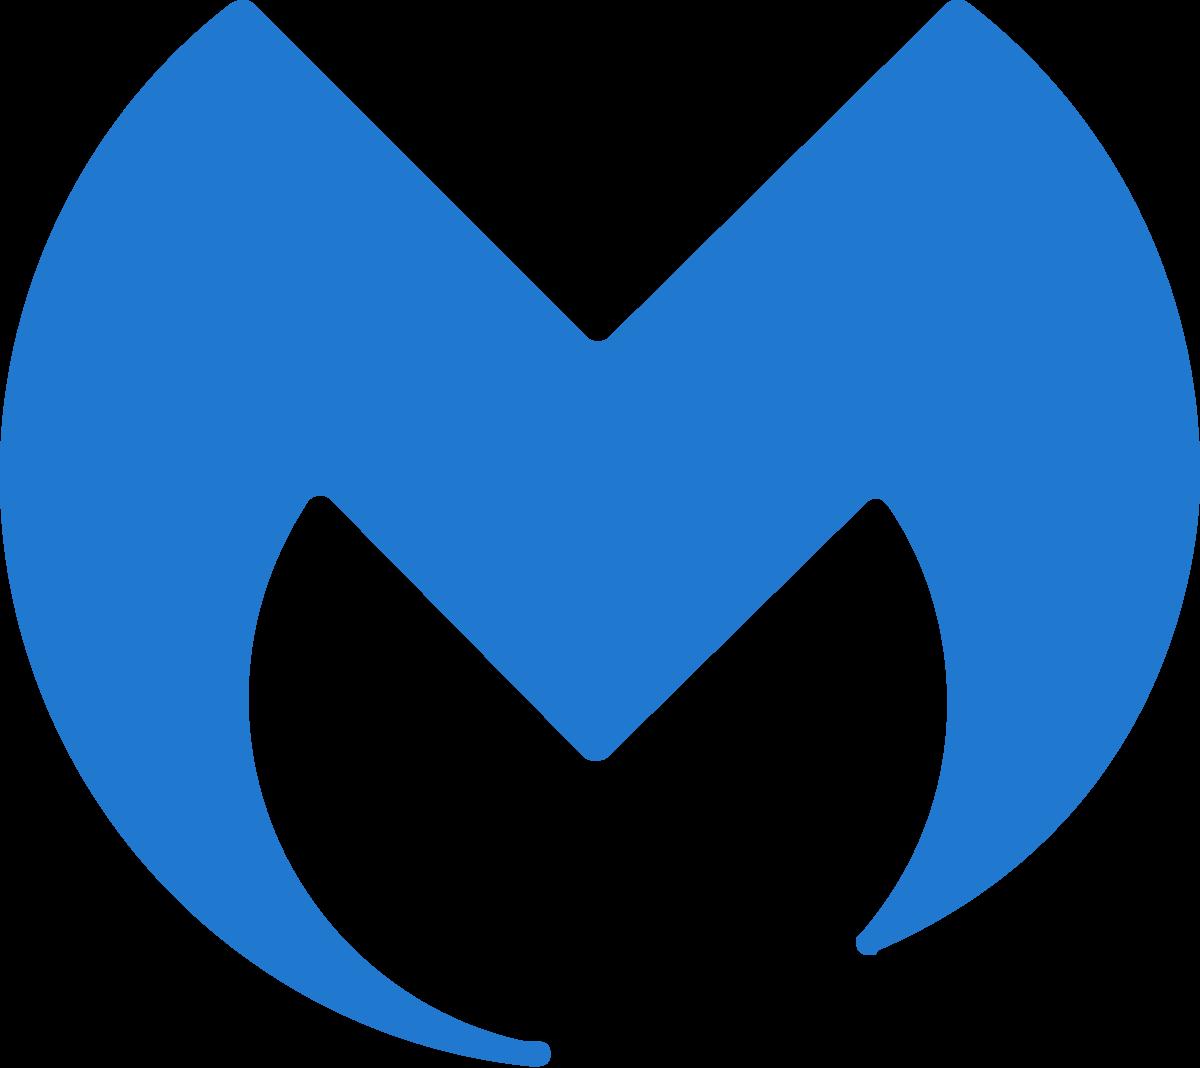 Malwarebytes free malware removal tool